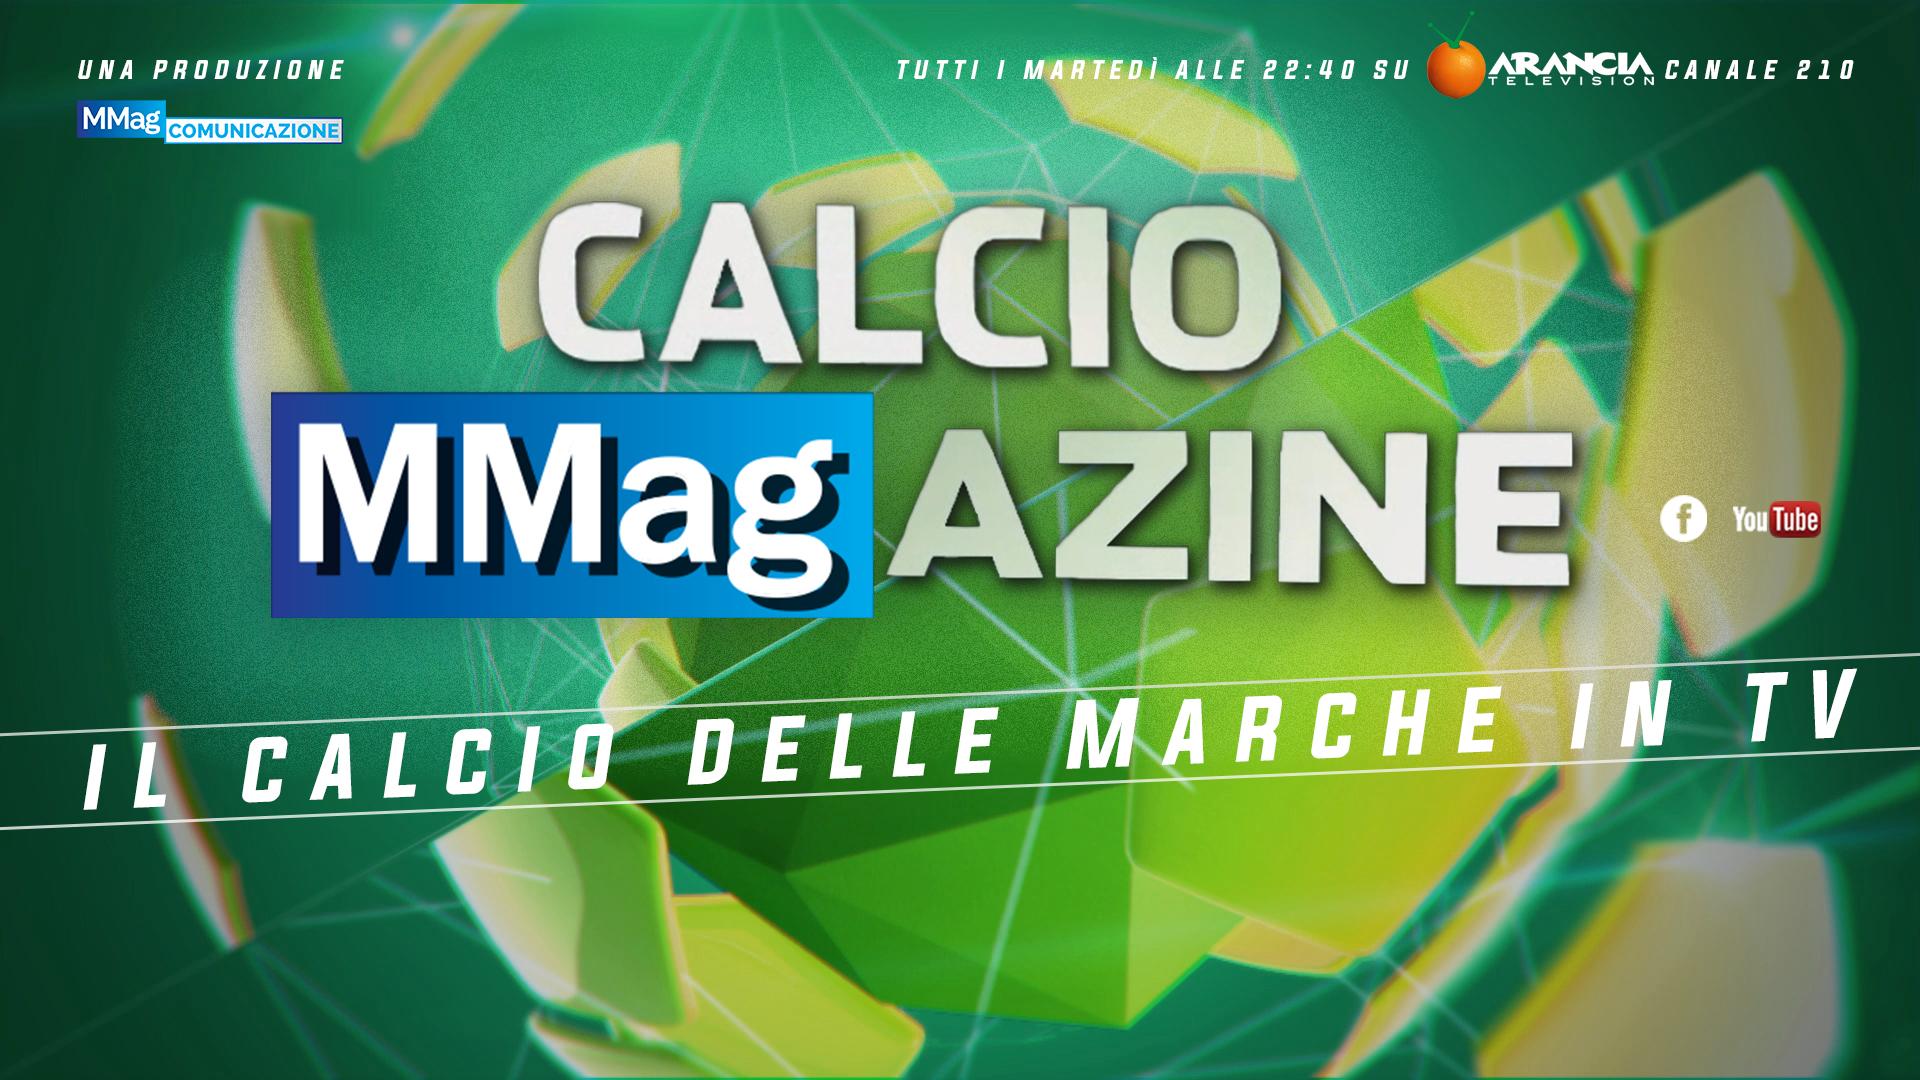 Pannello-schermata-promo-Calcio-MMagazine-2018